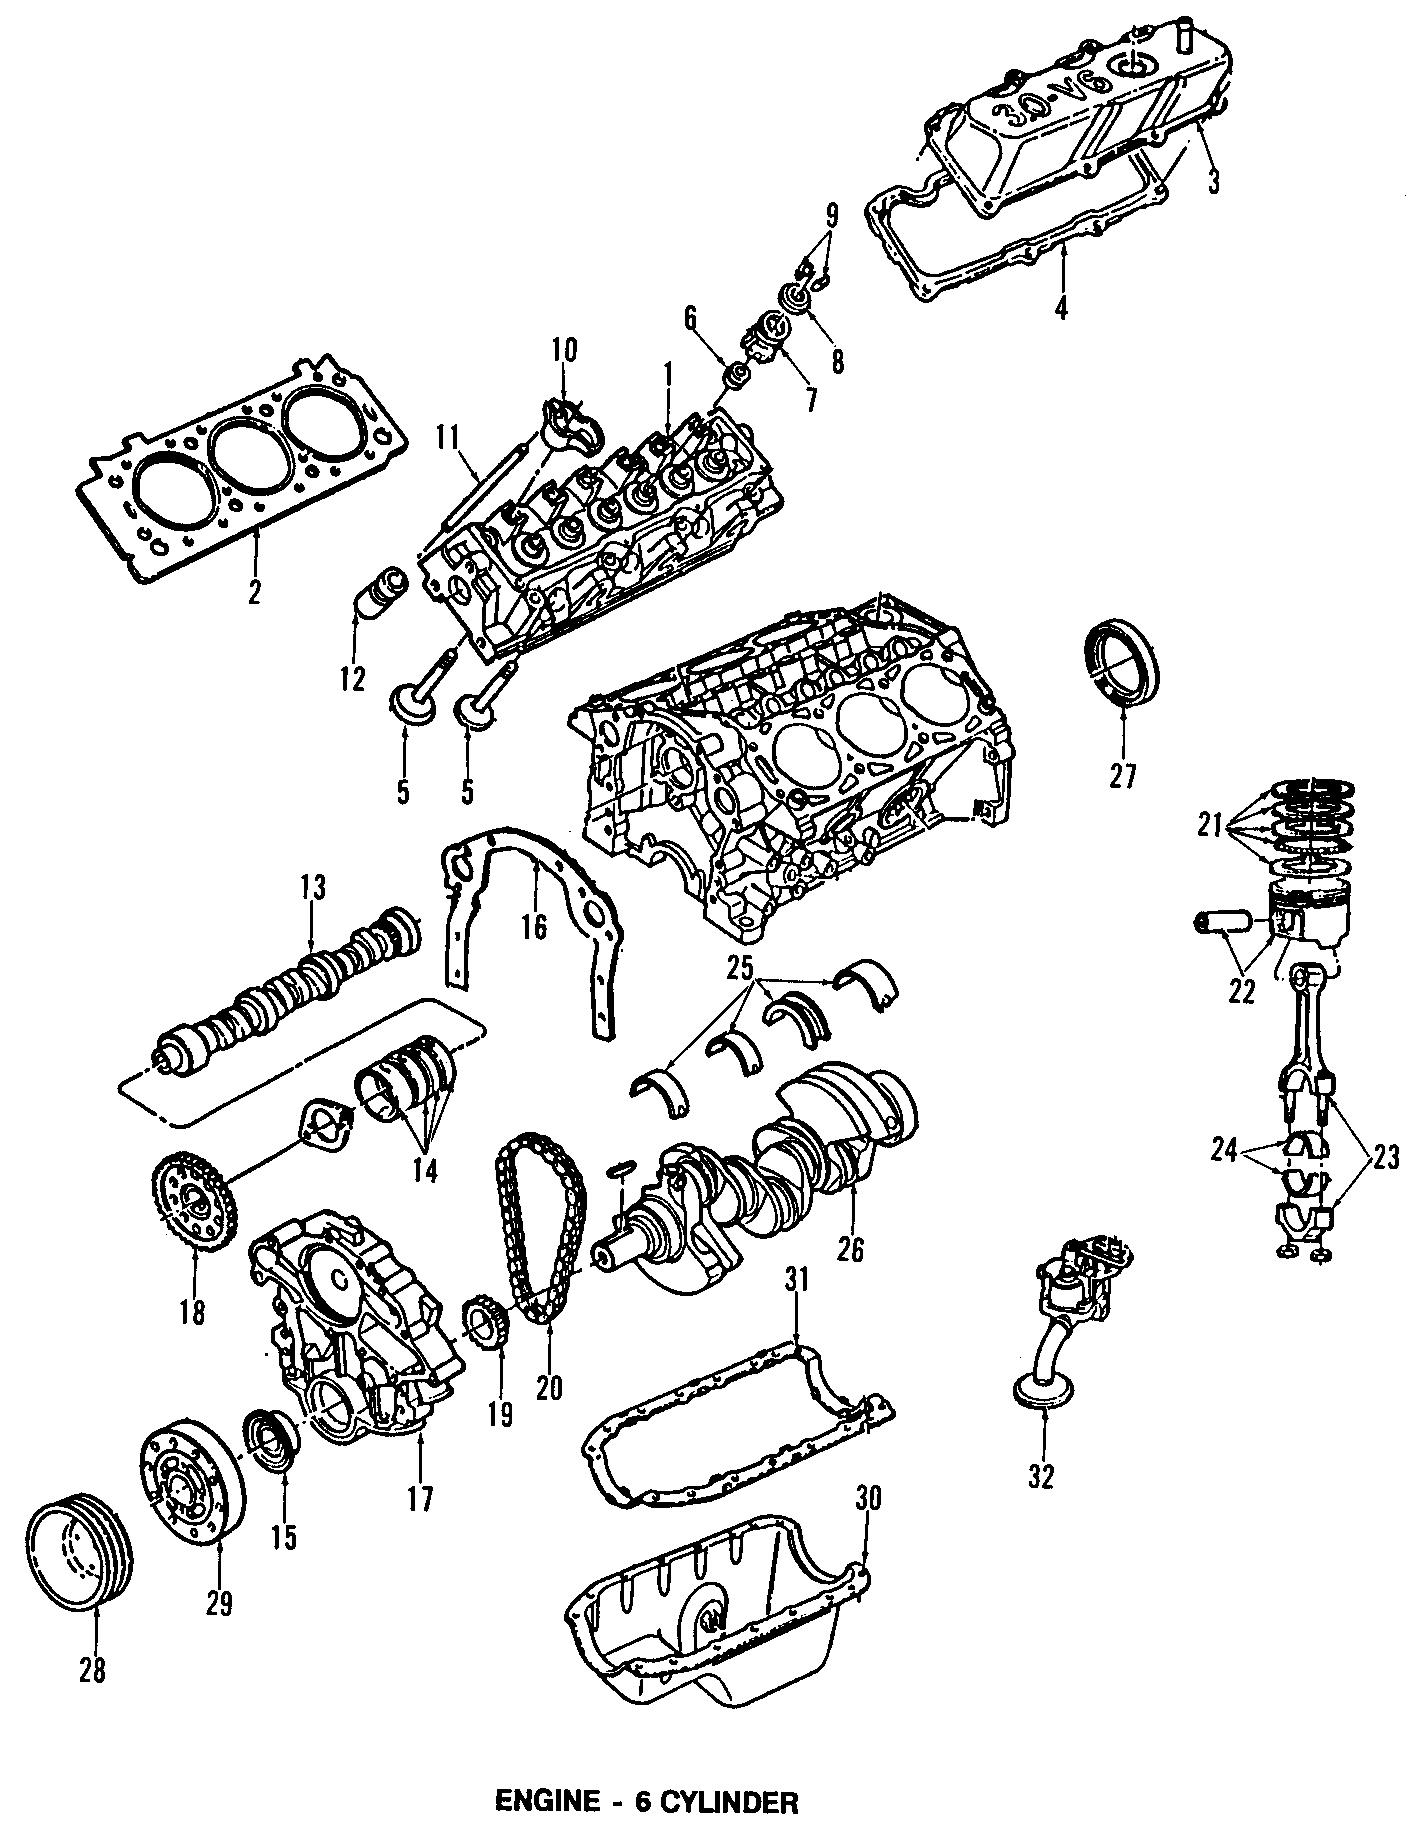 F3dz6a312a